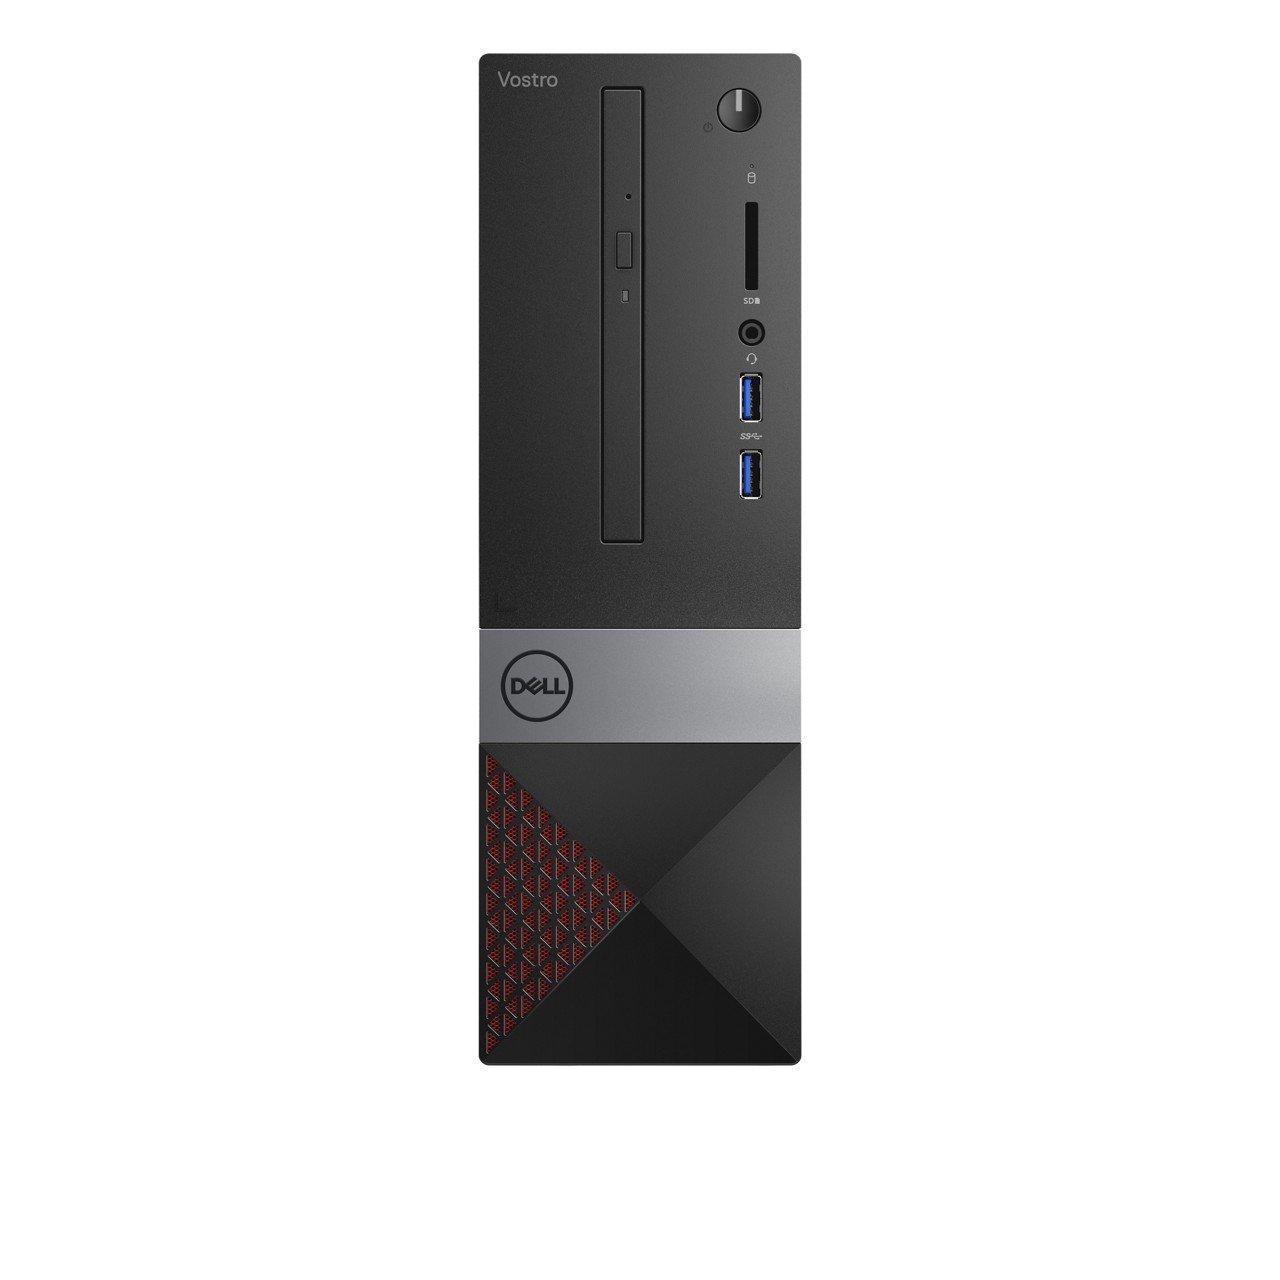 DELL Vostro 3470 3,2 GHz 8ª generación de procesadores Intel® CoreTM i7 i7-8700 Negro, Gris, Rojo SFF PC - Ordenador de sobremesa (3,2 GHz, 8ª generación de ...